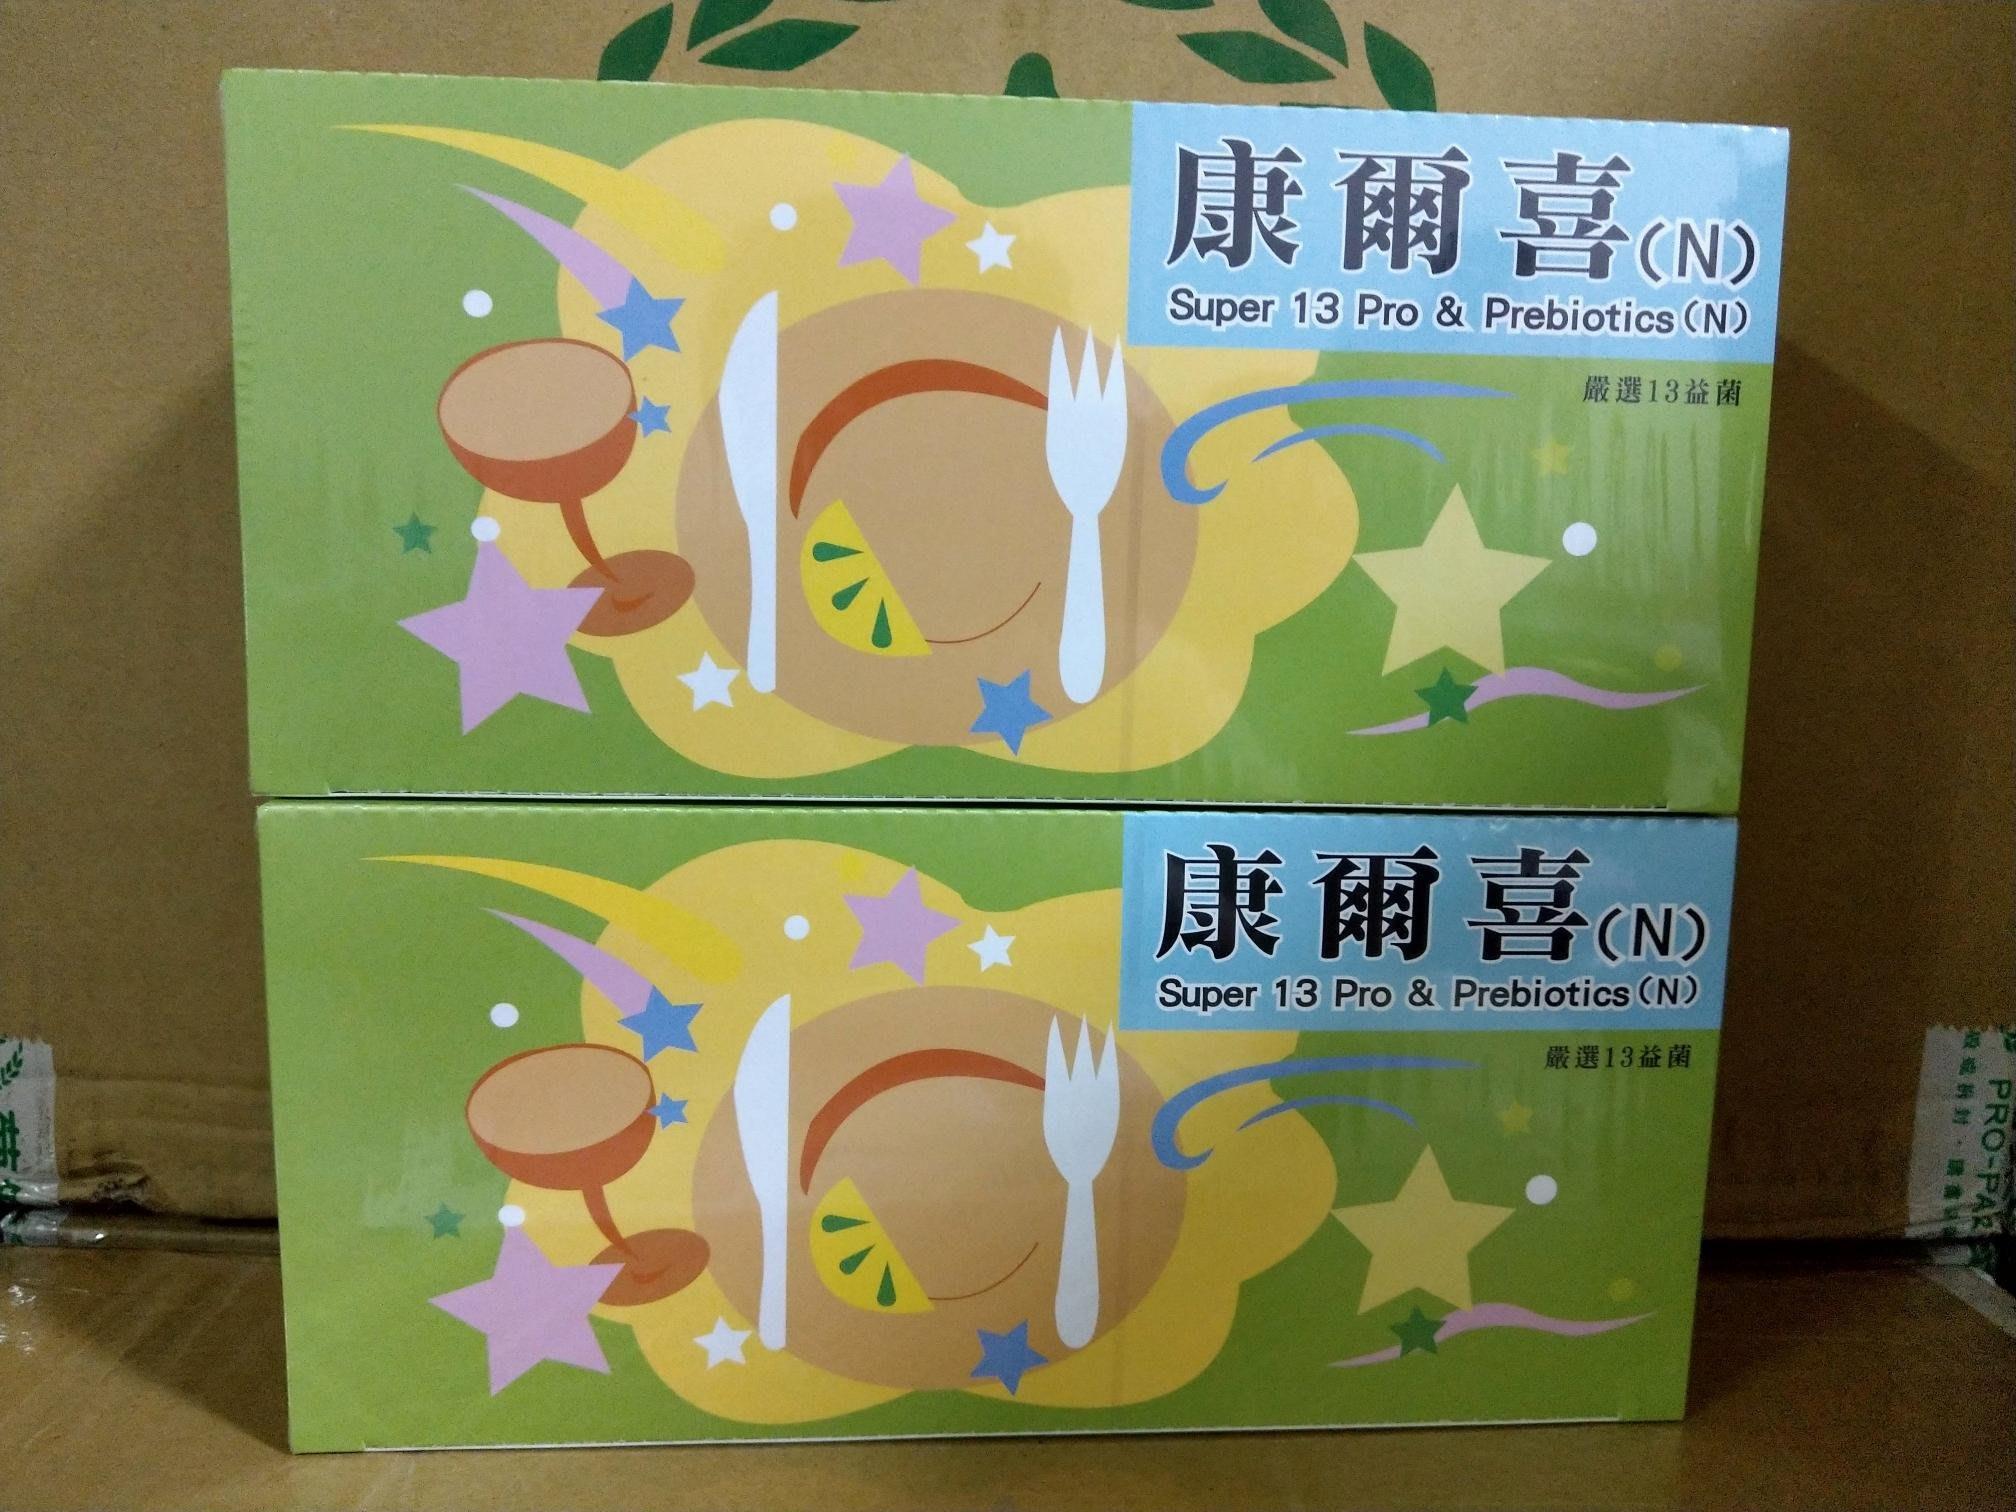 葡眾康爾喜N(康貝兒升級版)乳酸菌(益生菌)【完整批號】一盒1300元 3盒免運~現貨供應